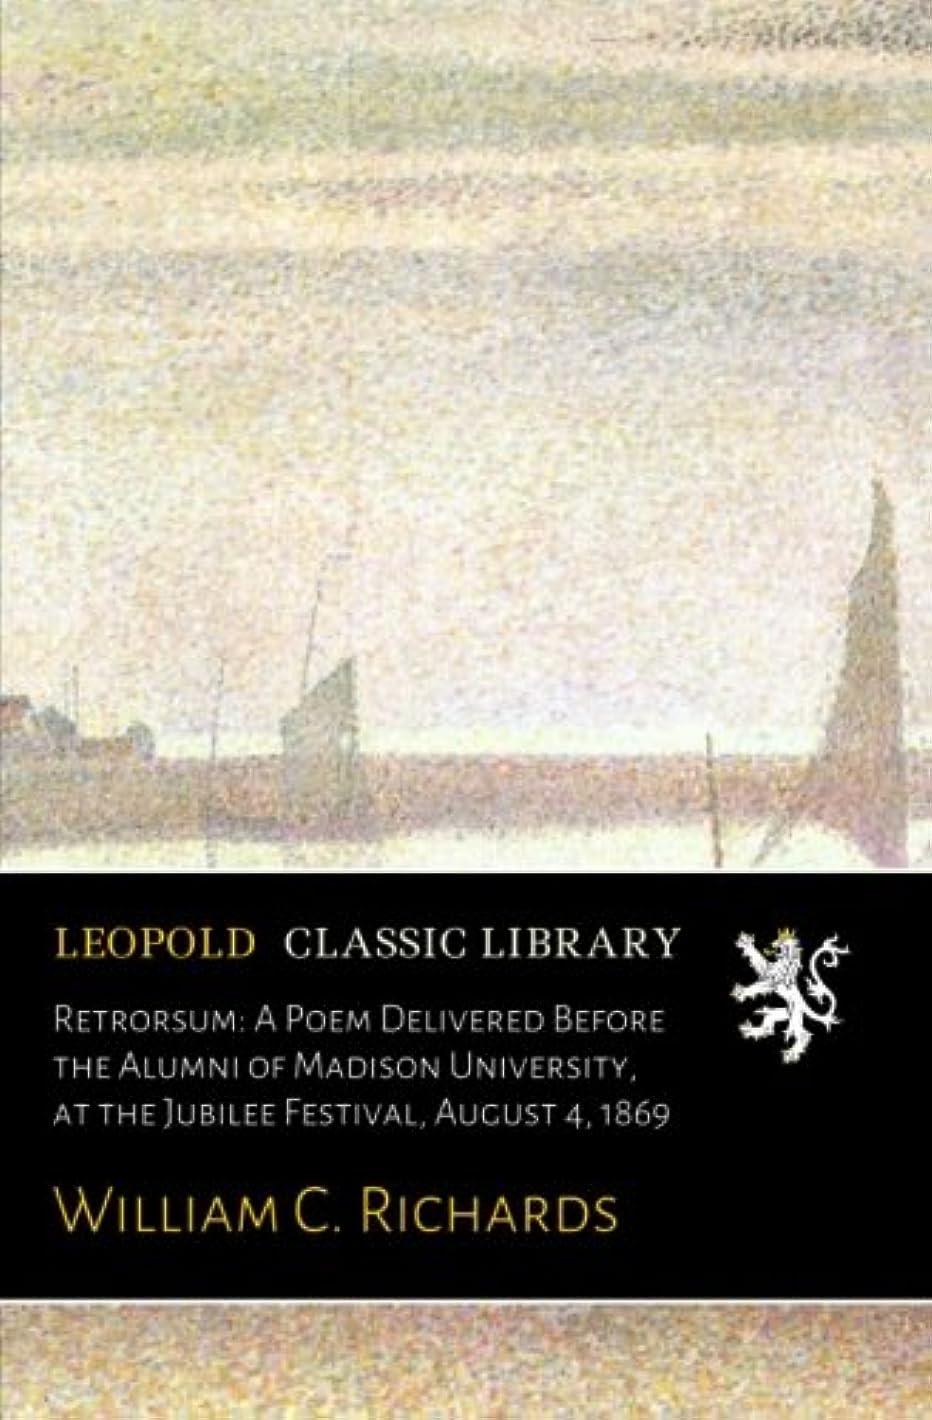 じゃないウサギ柔和Retrorsum: A Poem Delivered Before the Alumni of Madison University, at the Jubilee Festival, August 4, 1869